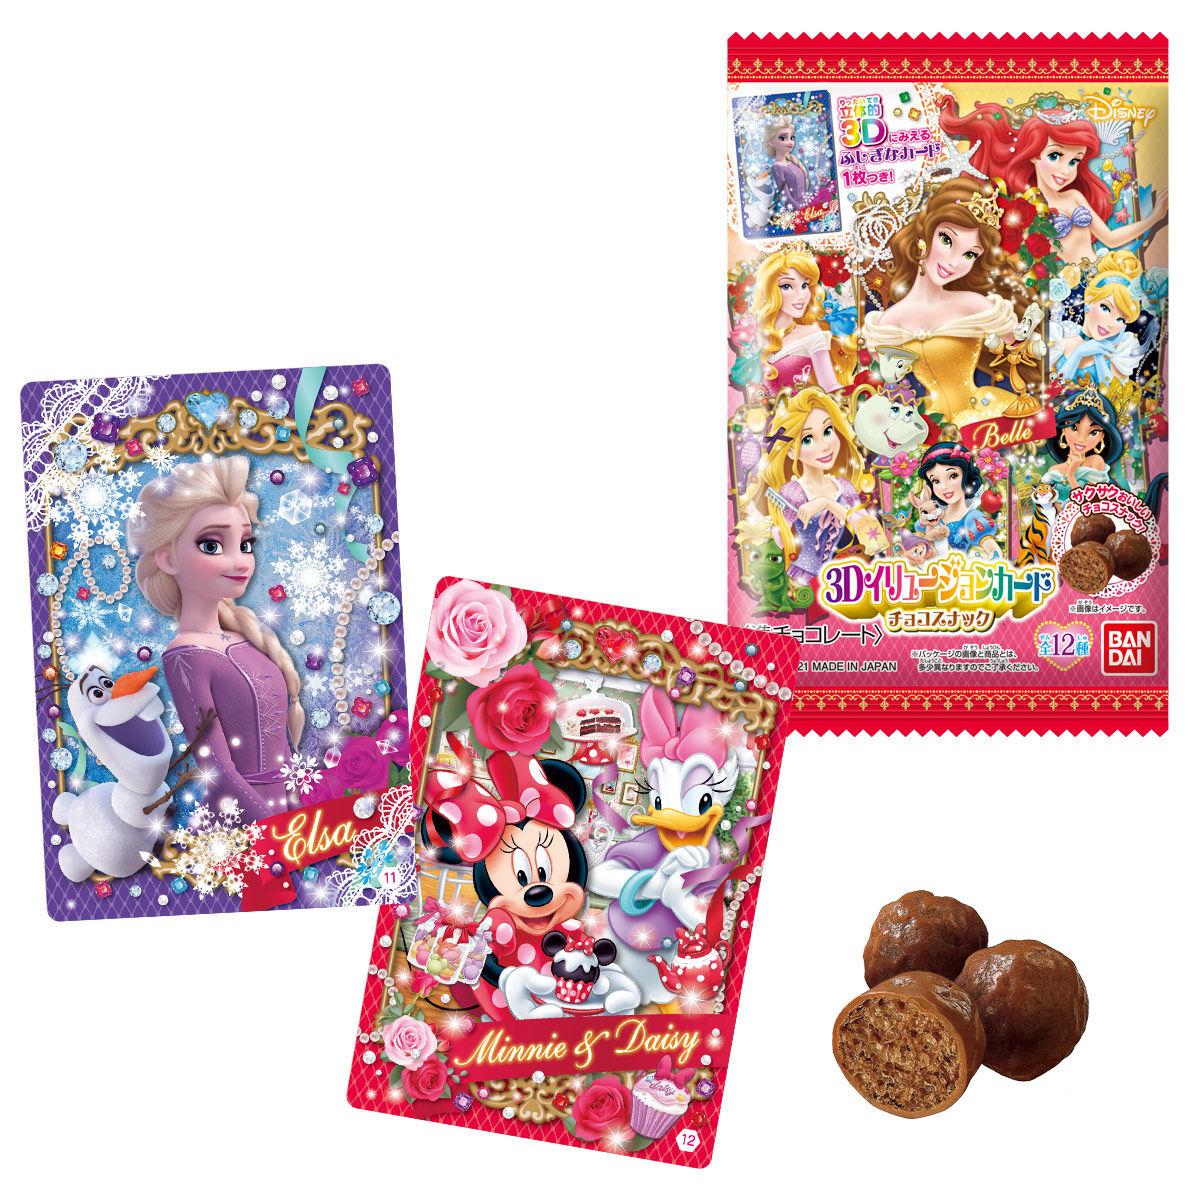 【食玩】ディズニー『3Dイリュージョンカード チョコスナック』20個入りBOX-001